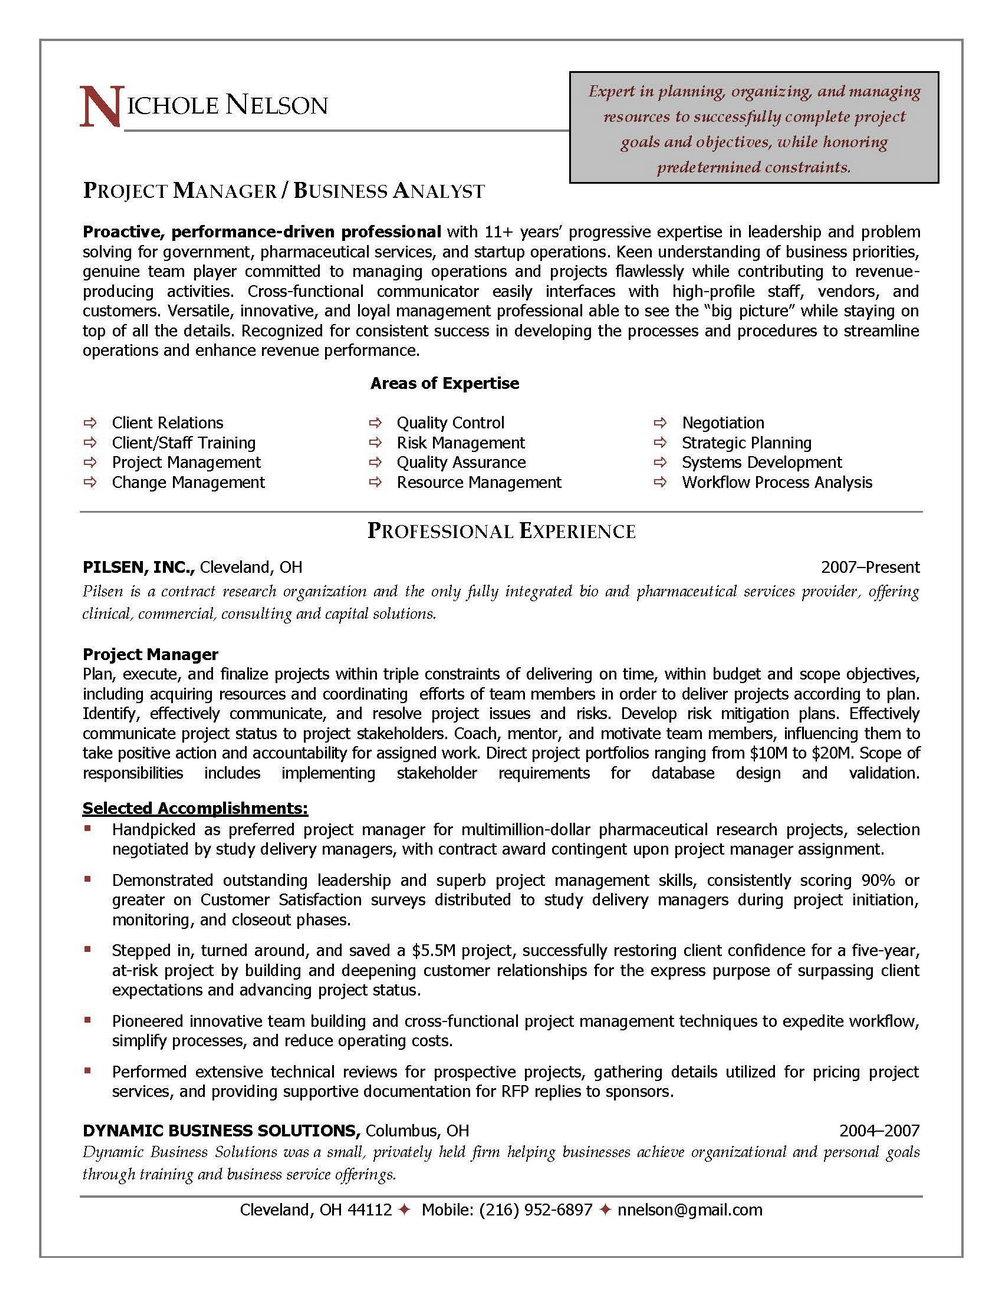 Resume Writing Services Houston Tx